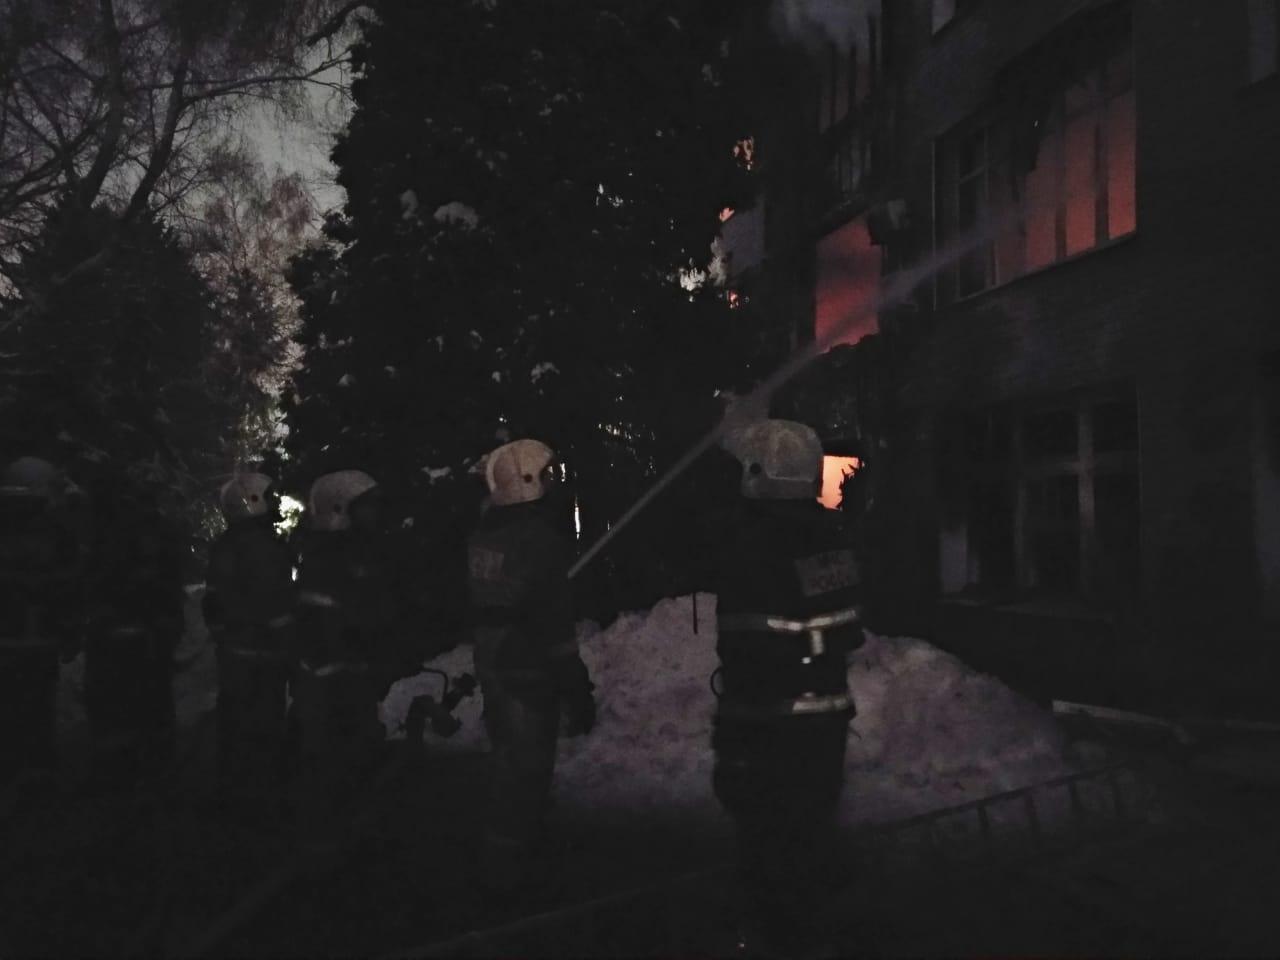 Пожарные продолжают бороться с пламенем до полной ликвидации